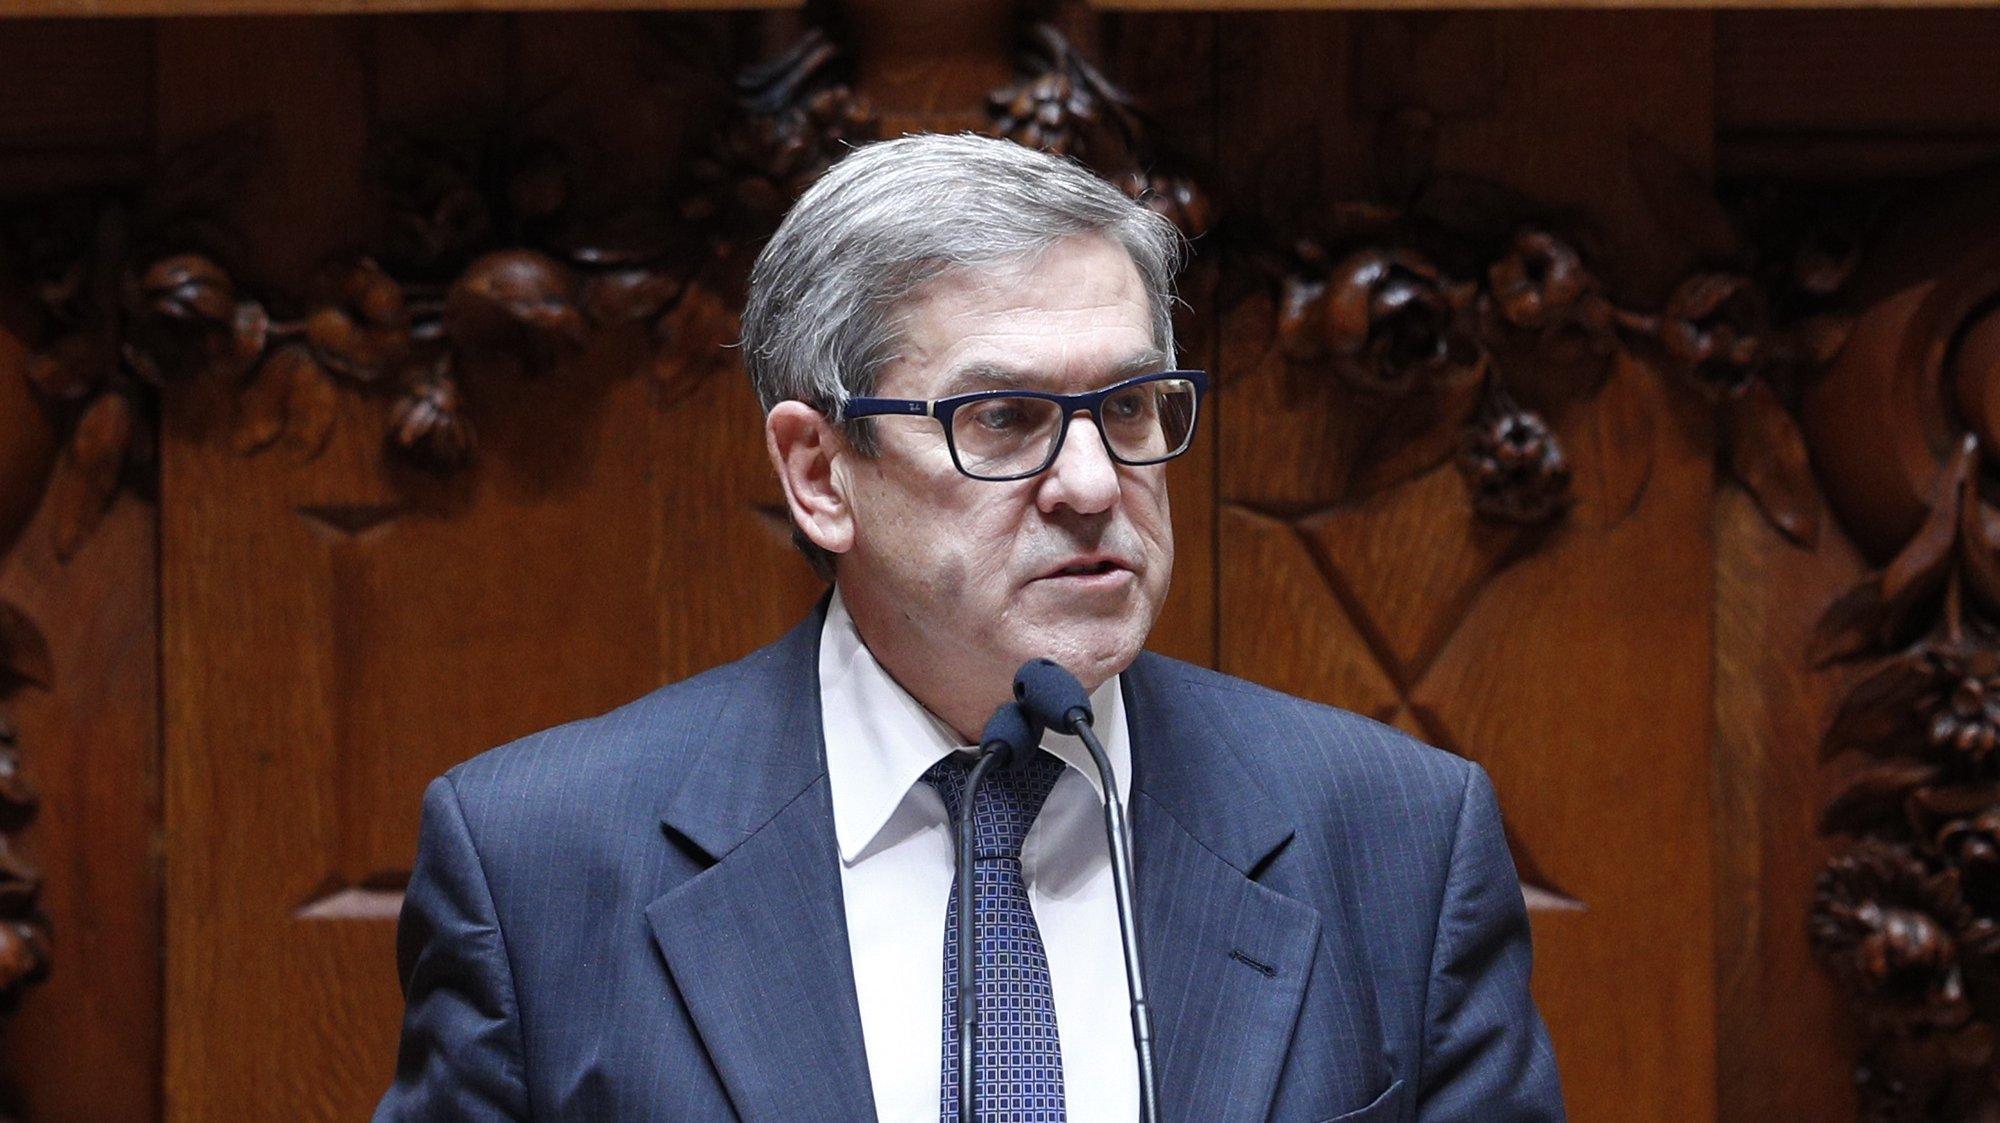 O deputado do Partido Socialista (PS), Jorge Lacão, intervém durante o debate sobre o enriquecimento injustificado, que decorreu na Assembleia da República em Lisboa, 25 de junho de 2021.  ANTÓNIO COTRIM/LUSA